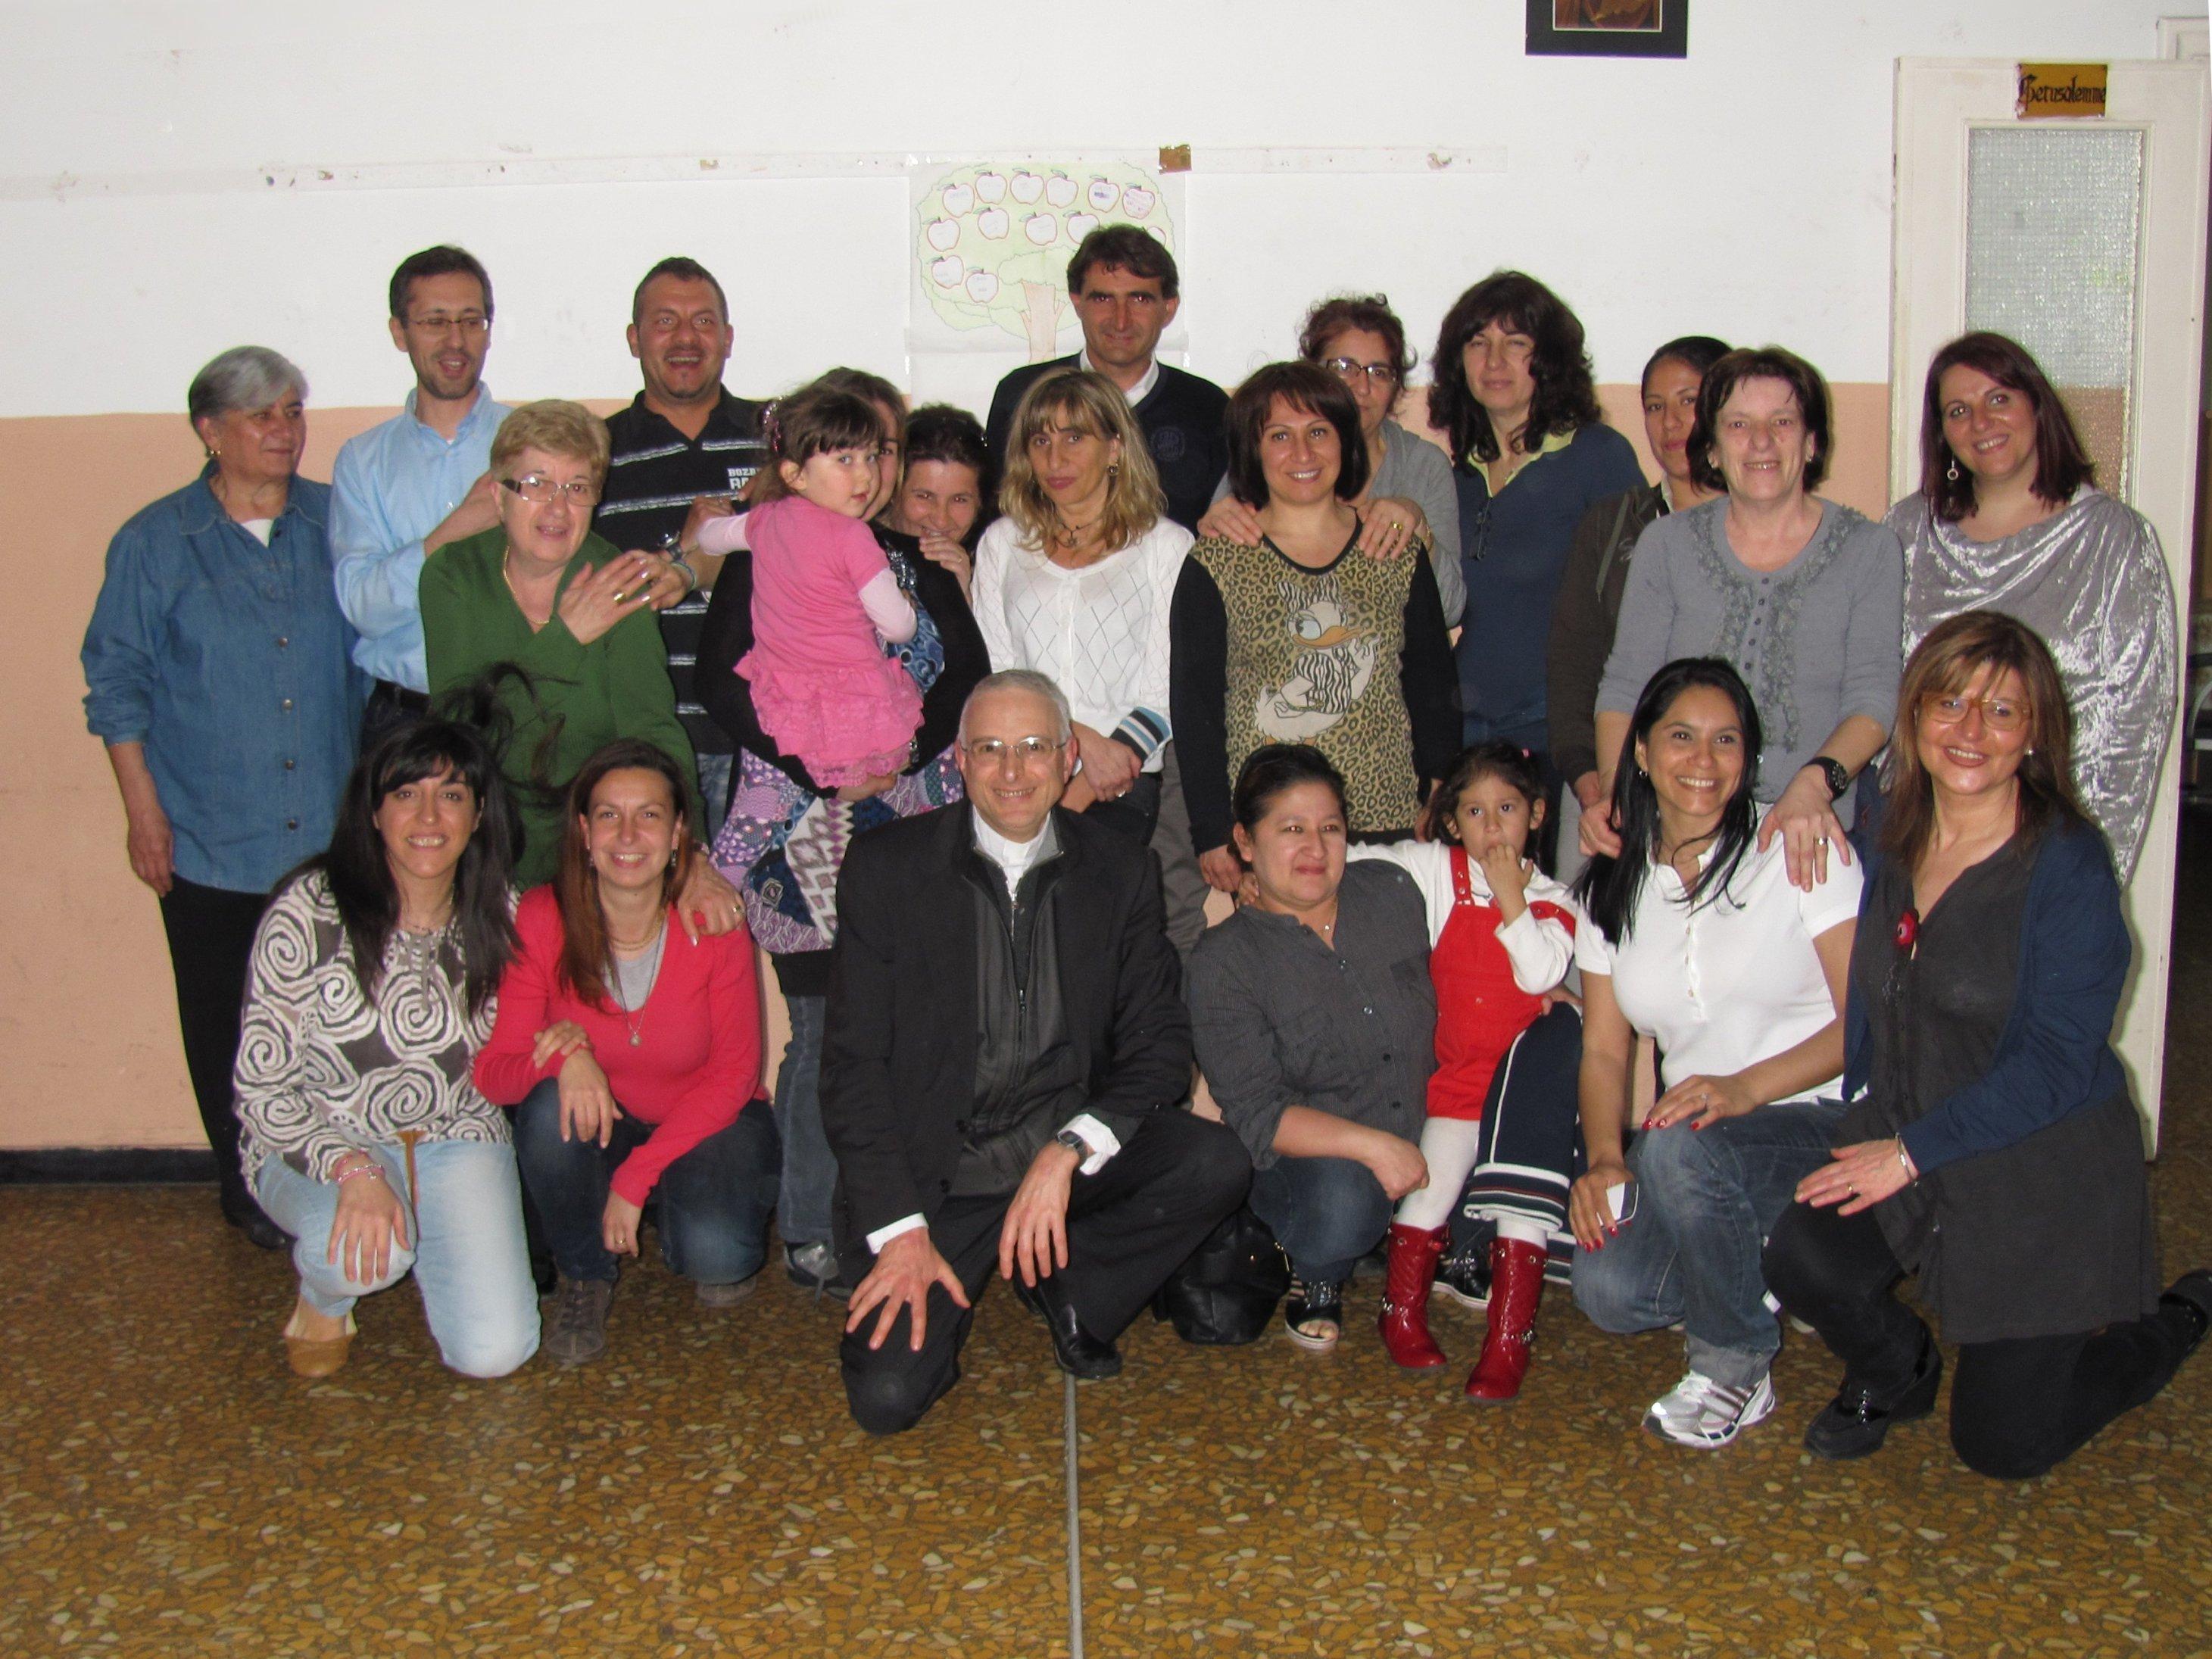 cena_prima_comunione_2012-04-28-20-49-35